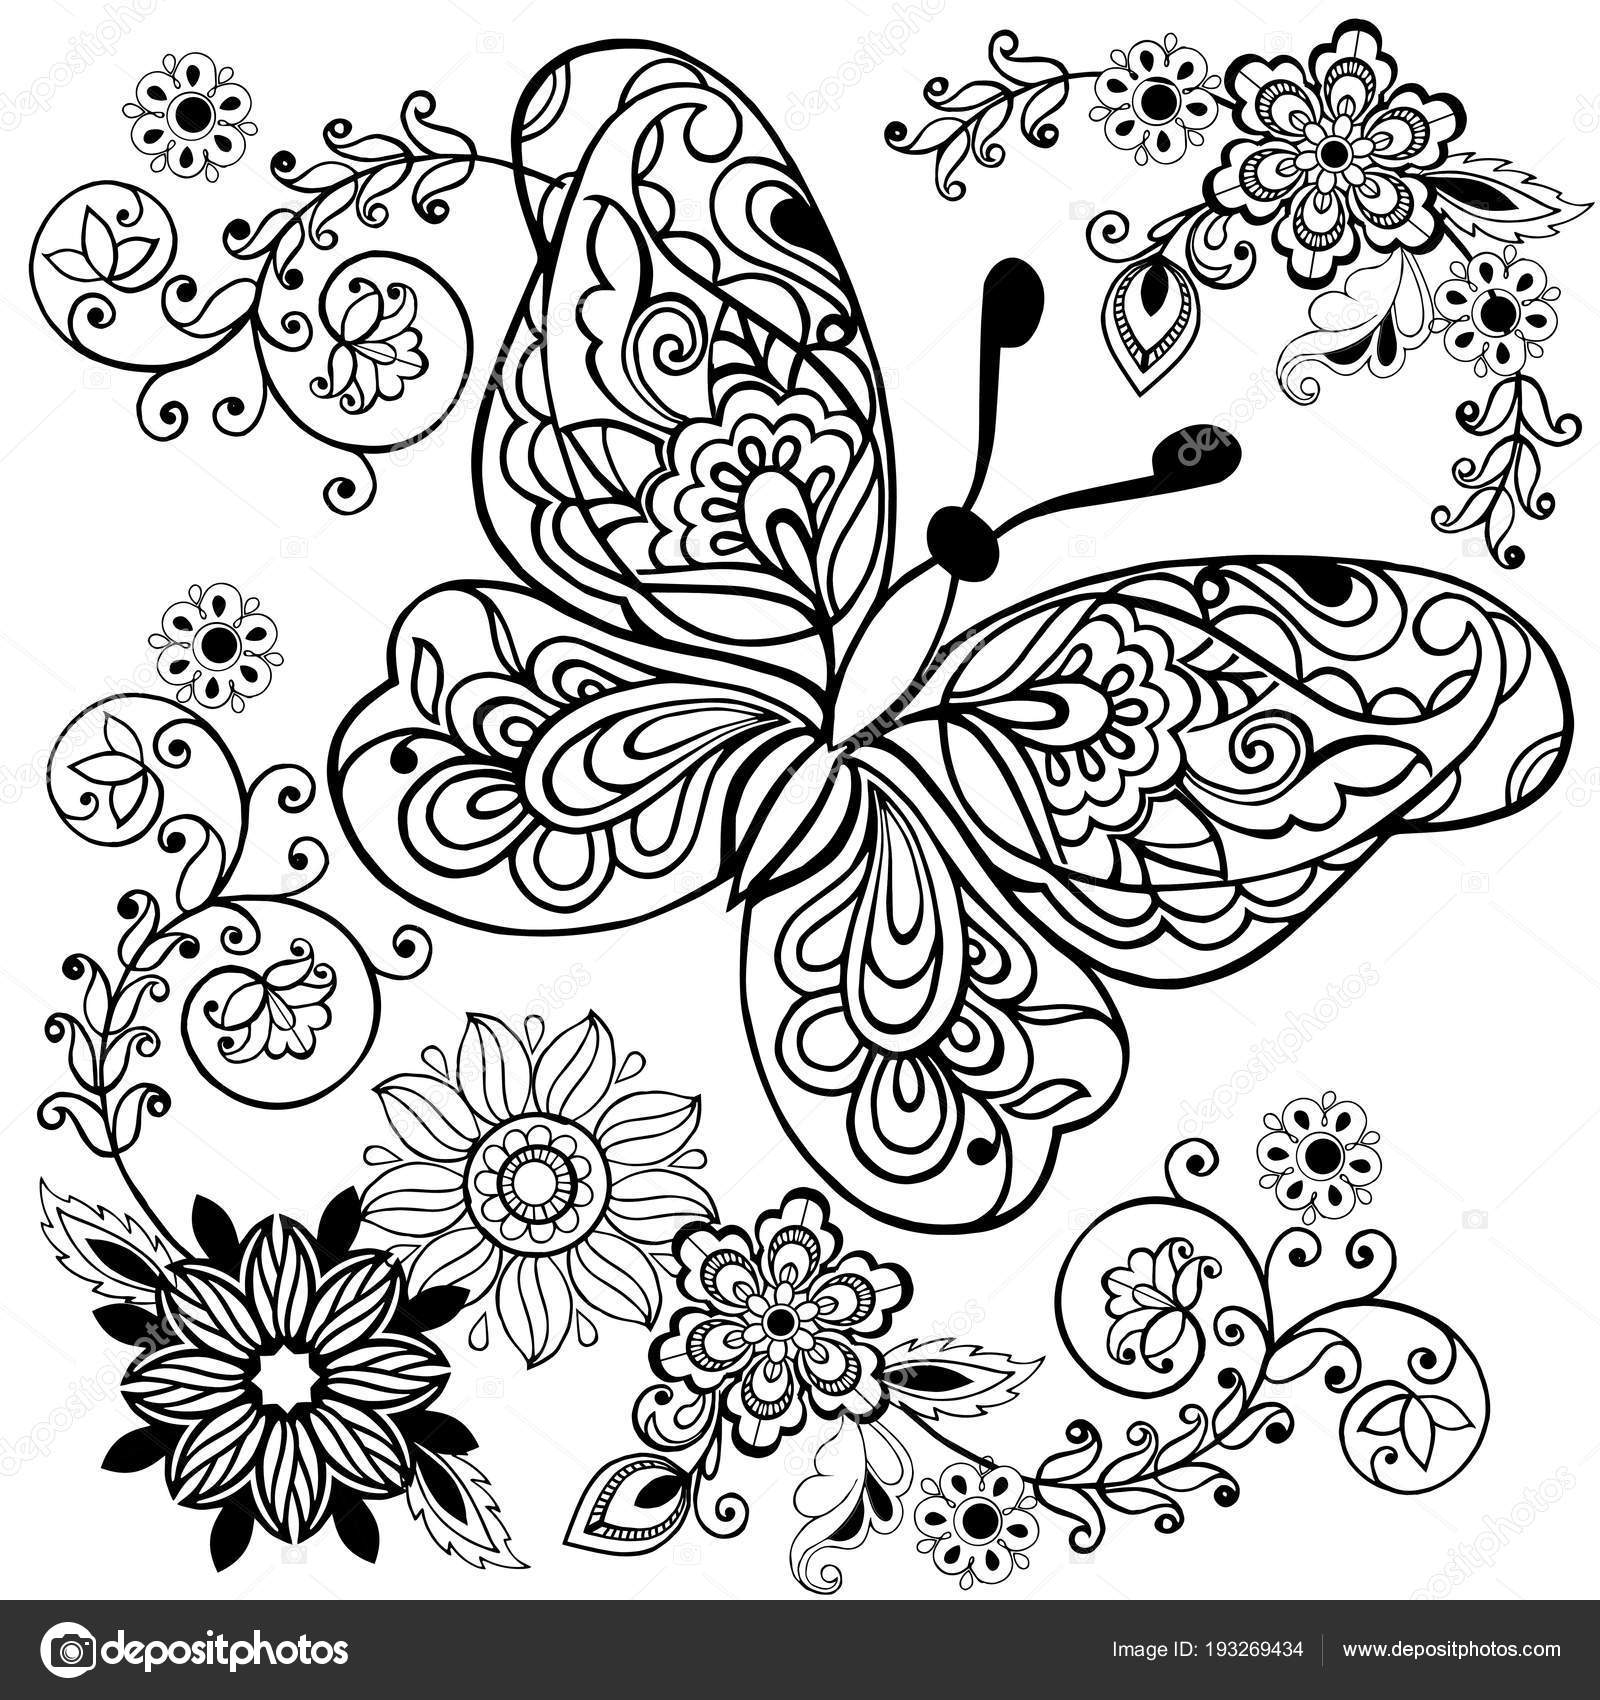 Kleurplaten Bloemen Met Vlinders.Hand Getekend Bloemen En Vlinders Voor De Anti Stress